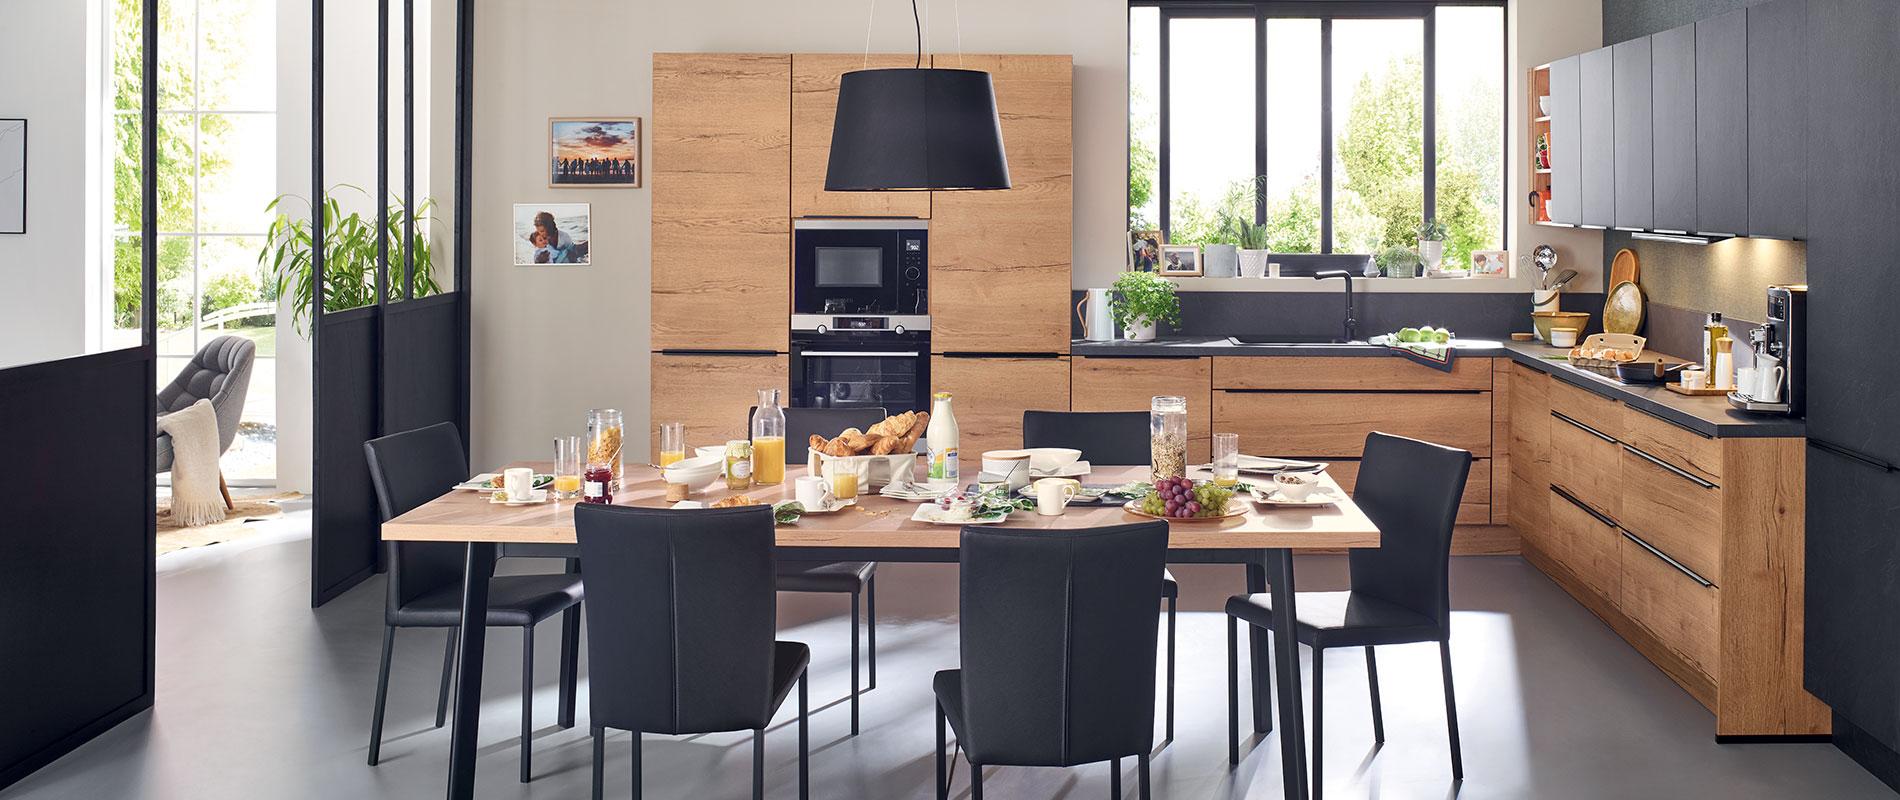 Cuisines équipées, cuisines sur mesure & rangements - Ixina France